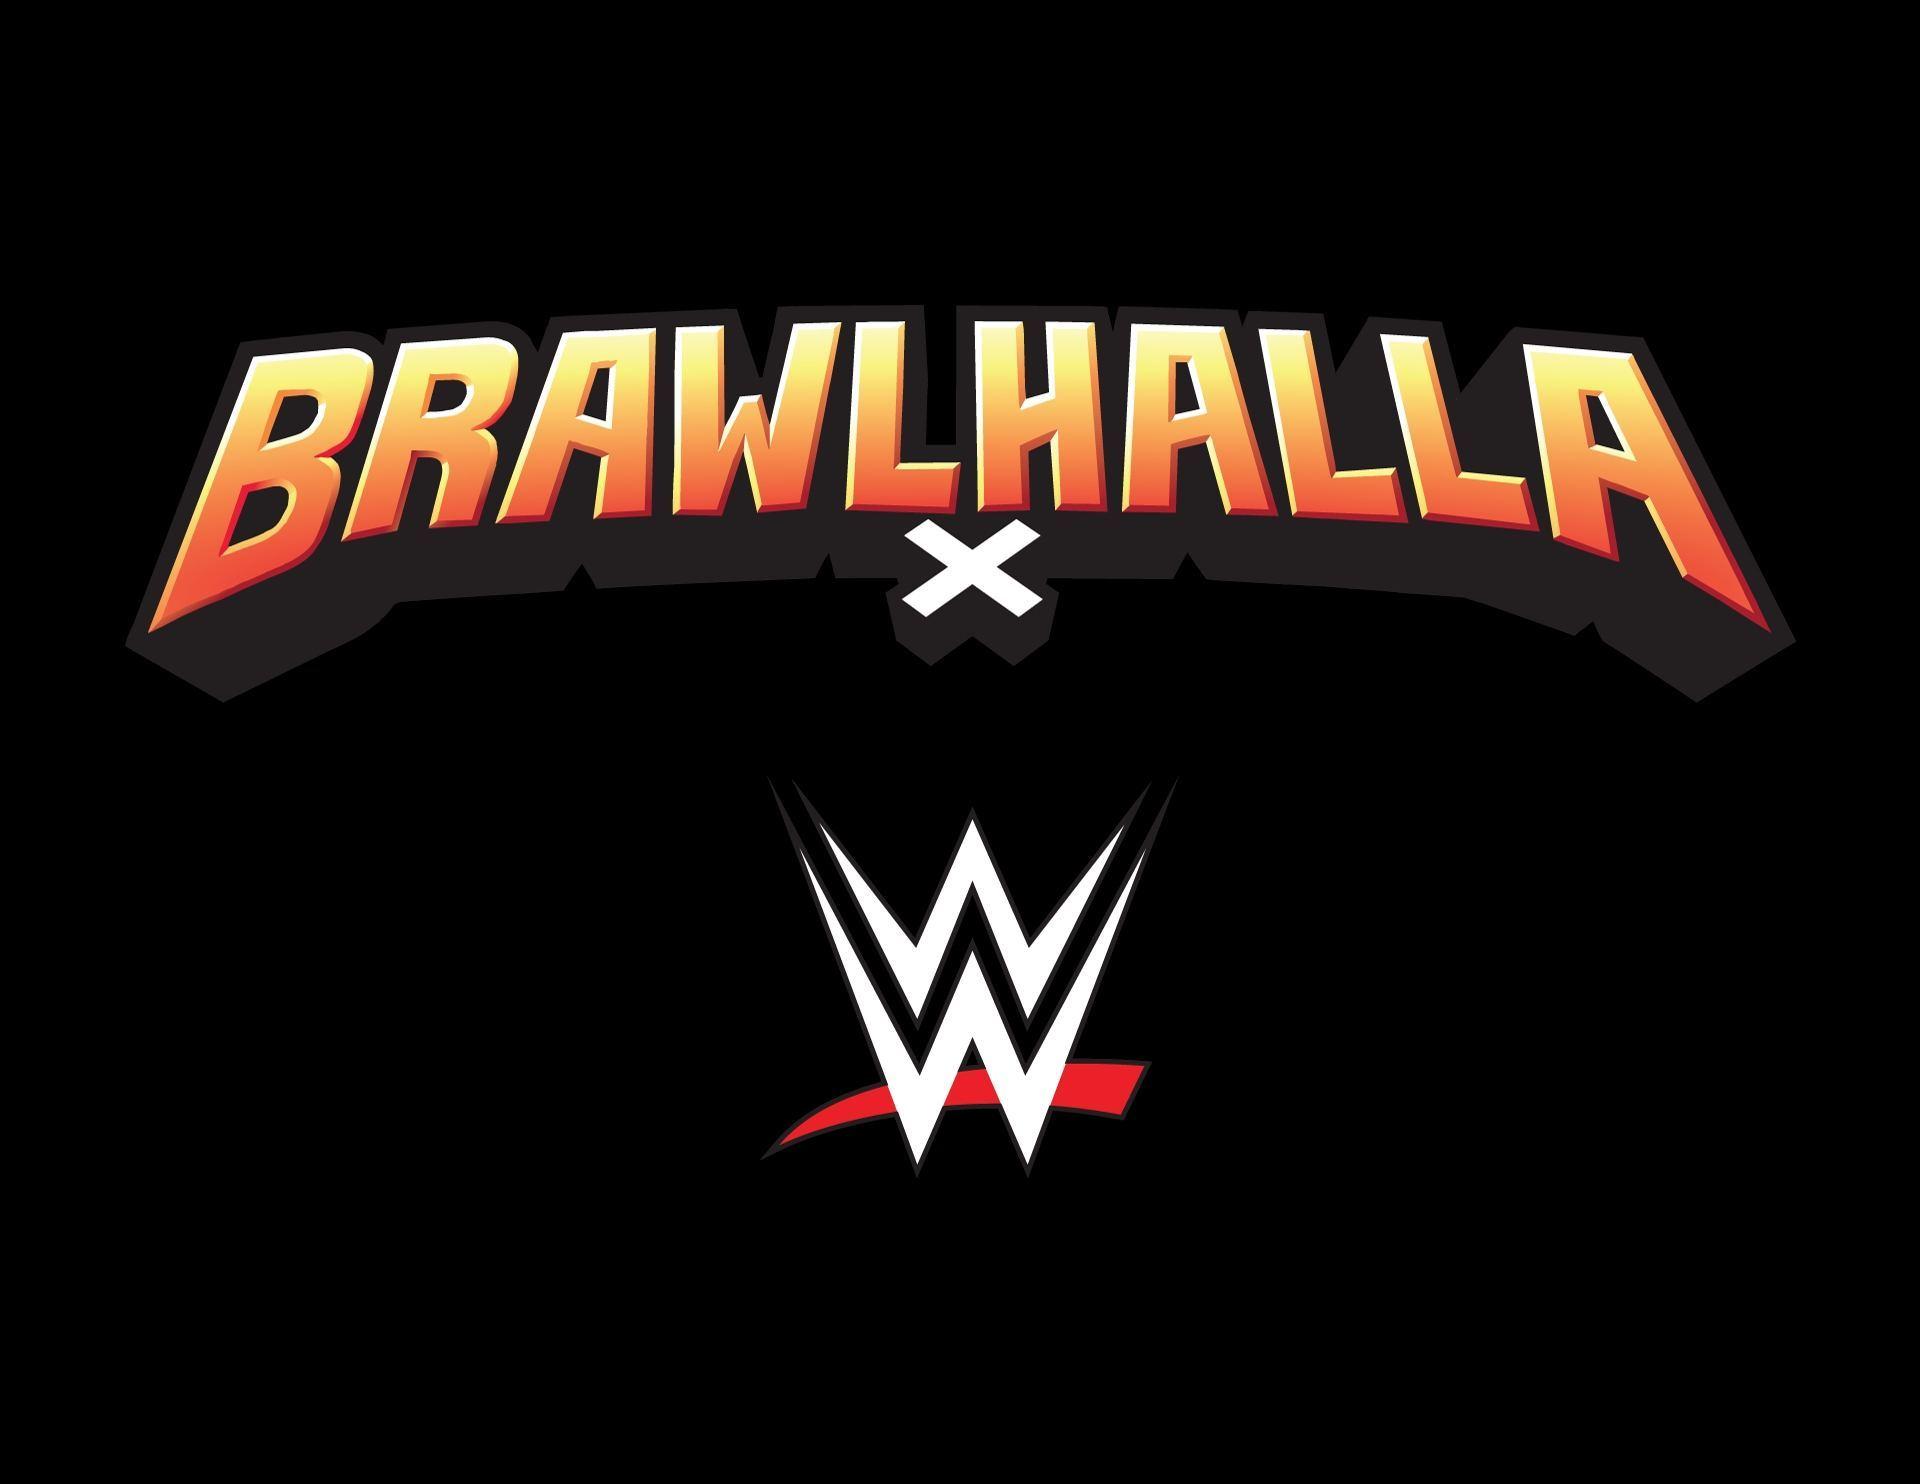 Brawlhalla WWE Event – Brawlhalla_X_WWE